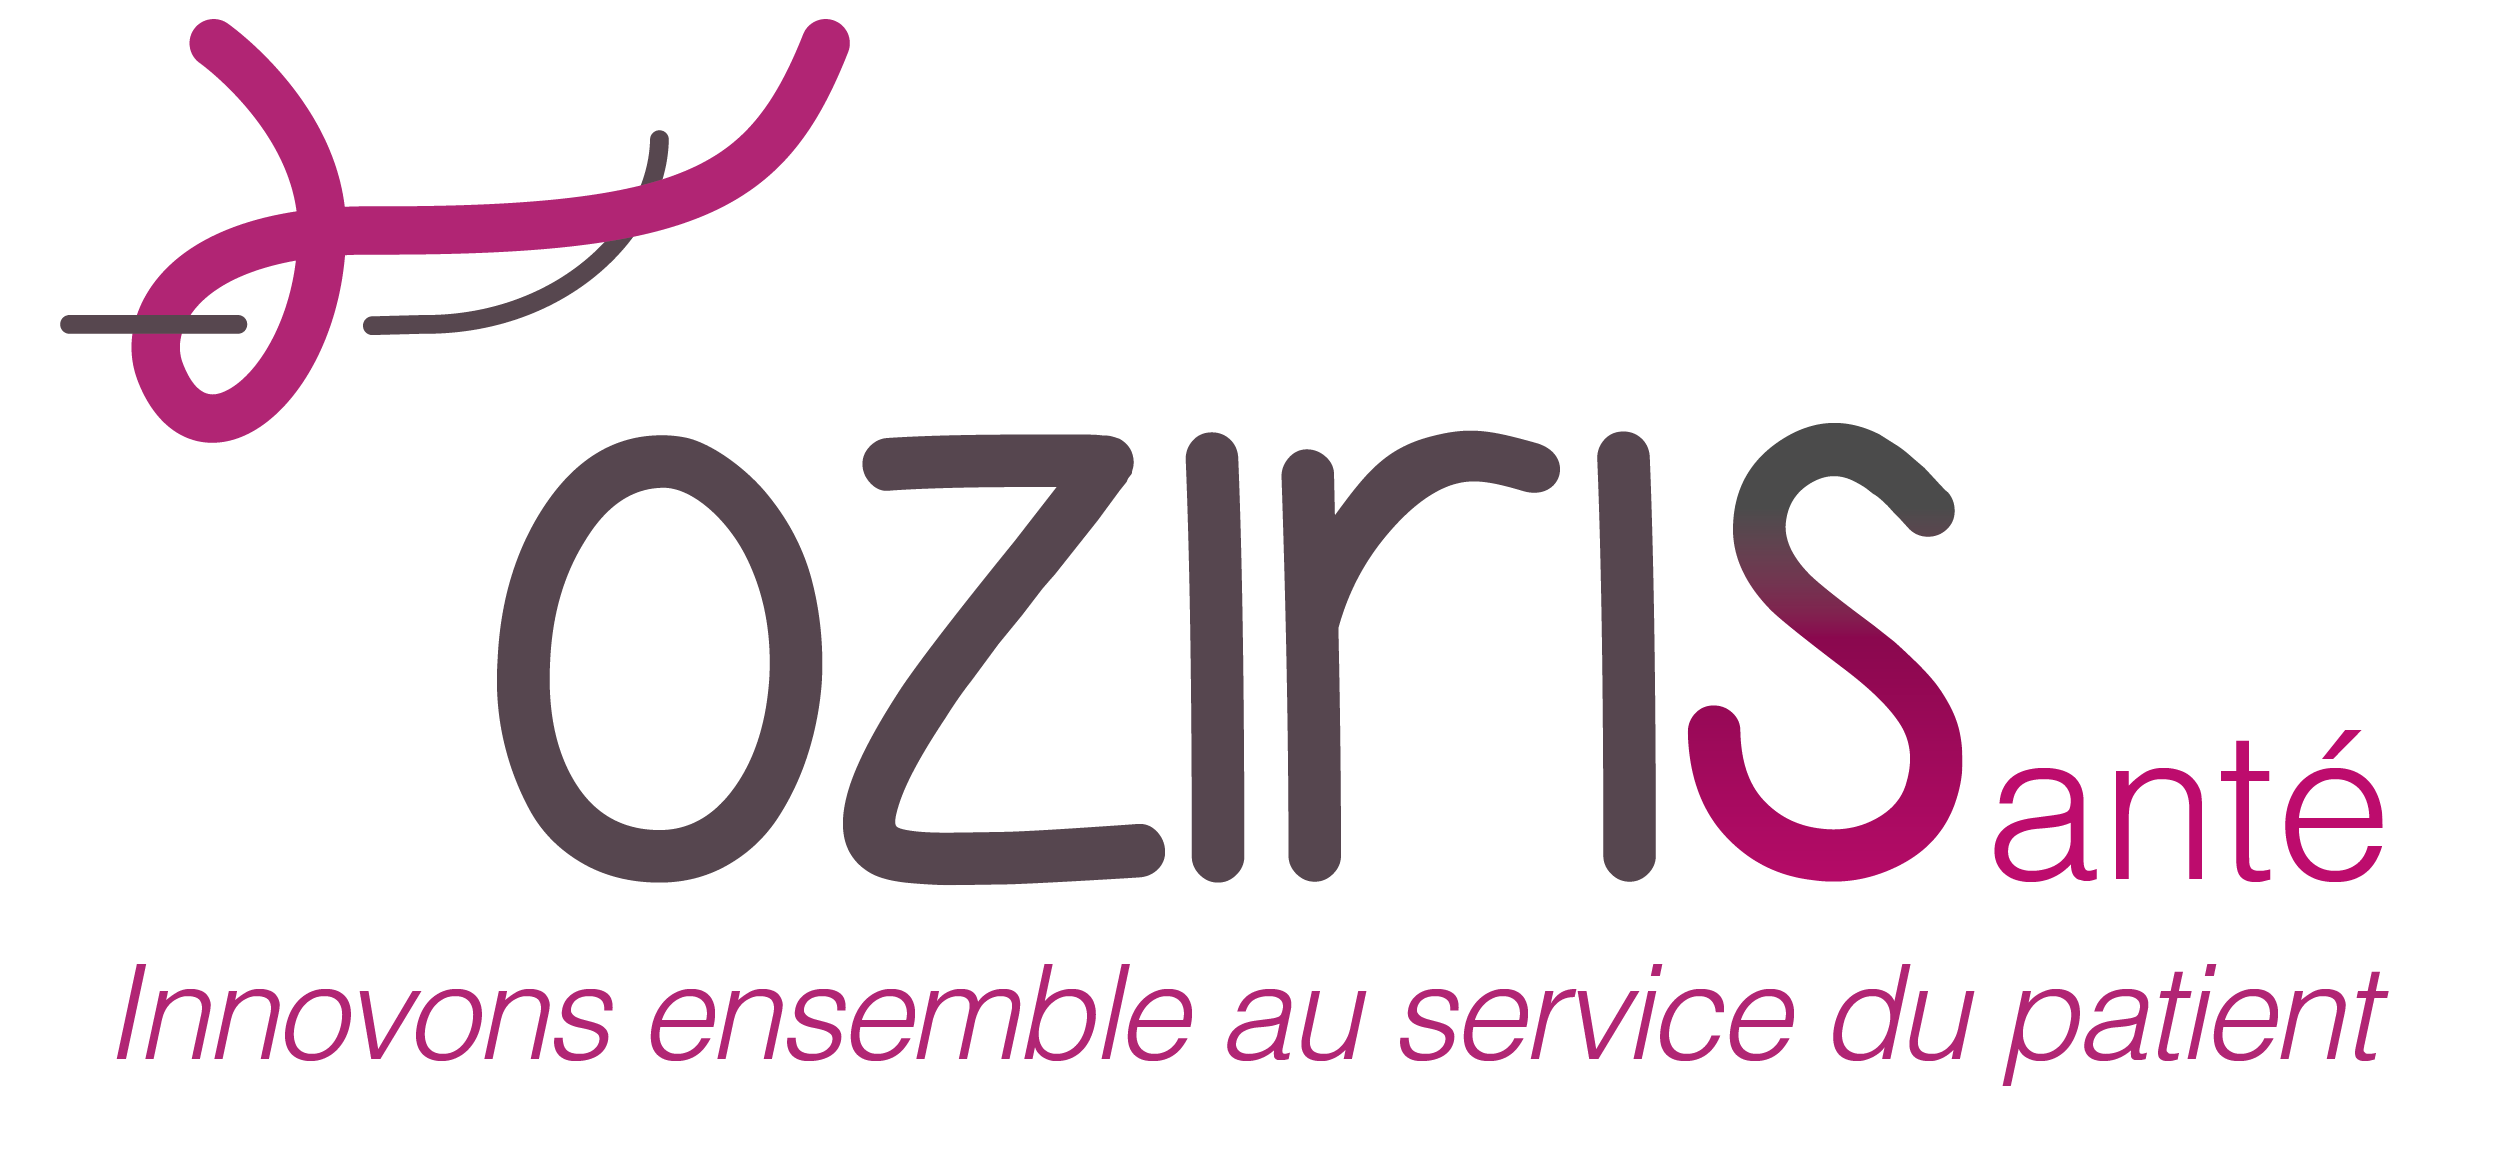 OZIRIS Santé